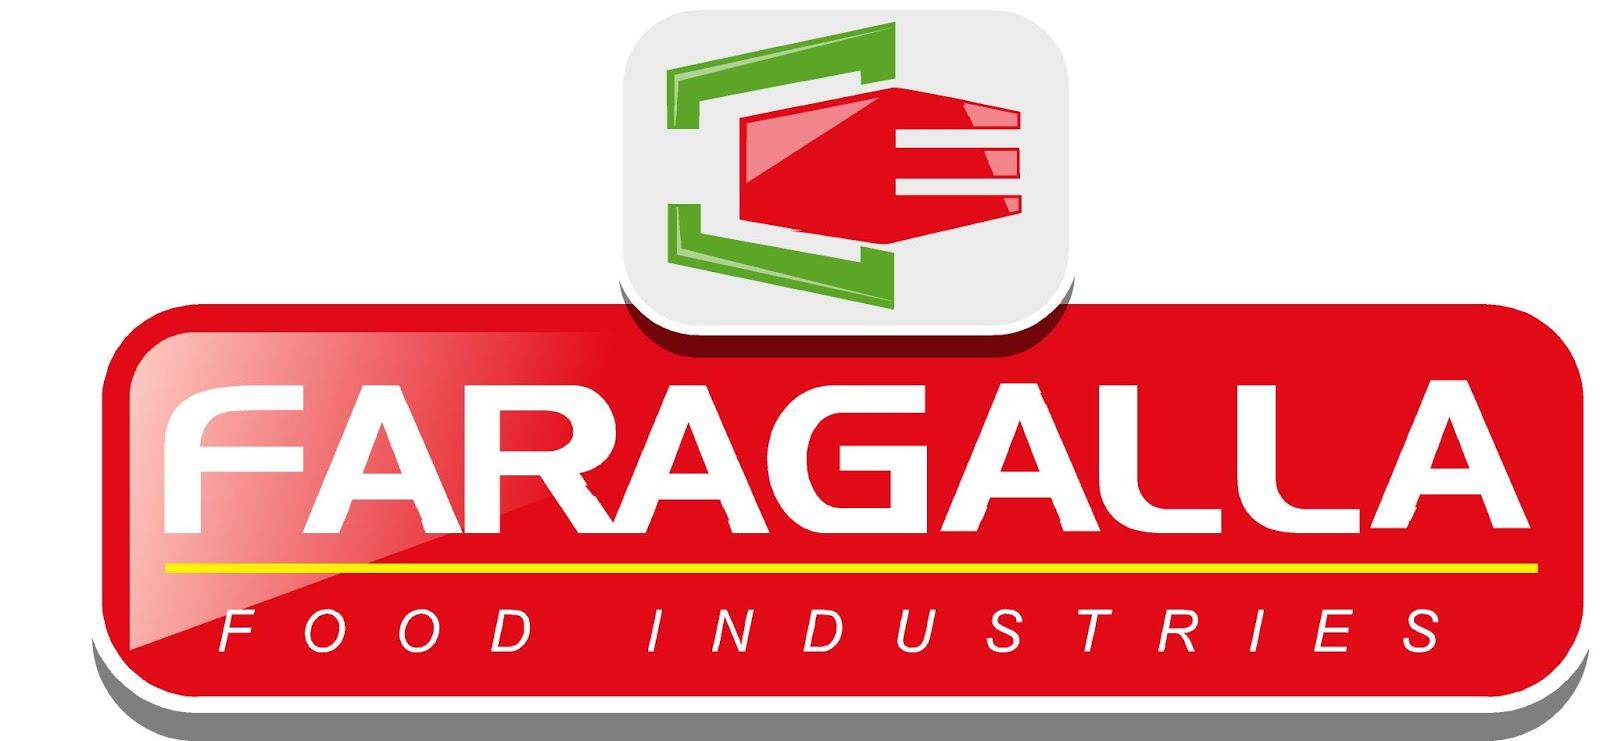 العمل فى وظائف شركة فرج الله الصناعات الغذائية لسنة 2020